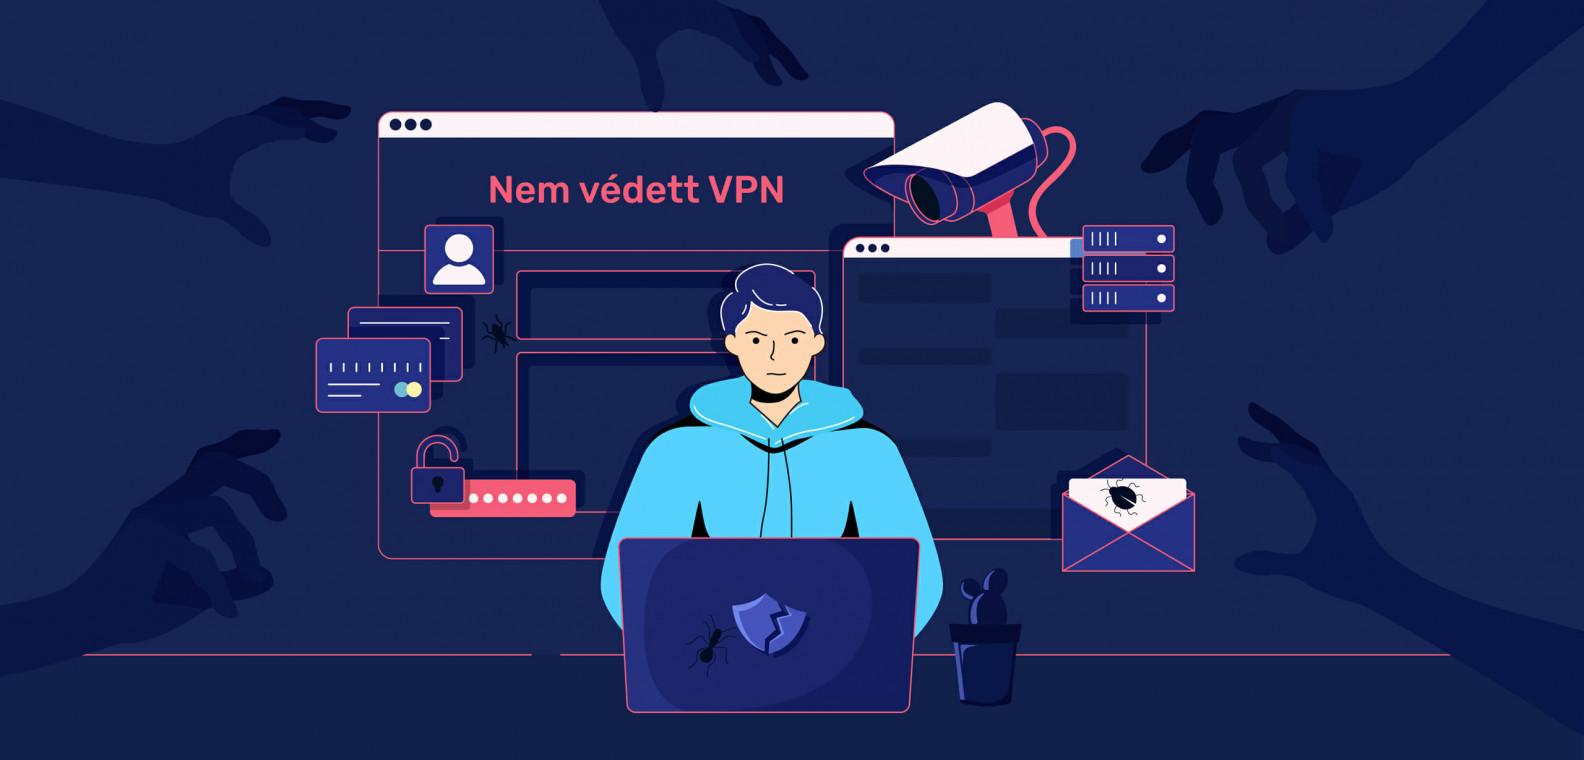 Borzalmas VPN-t teszünk ki